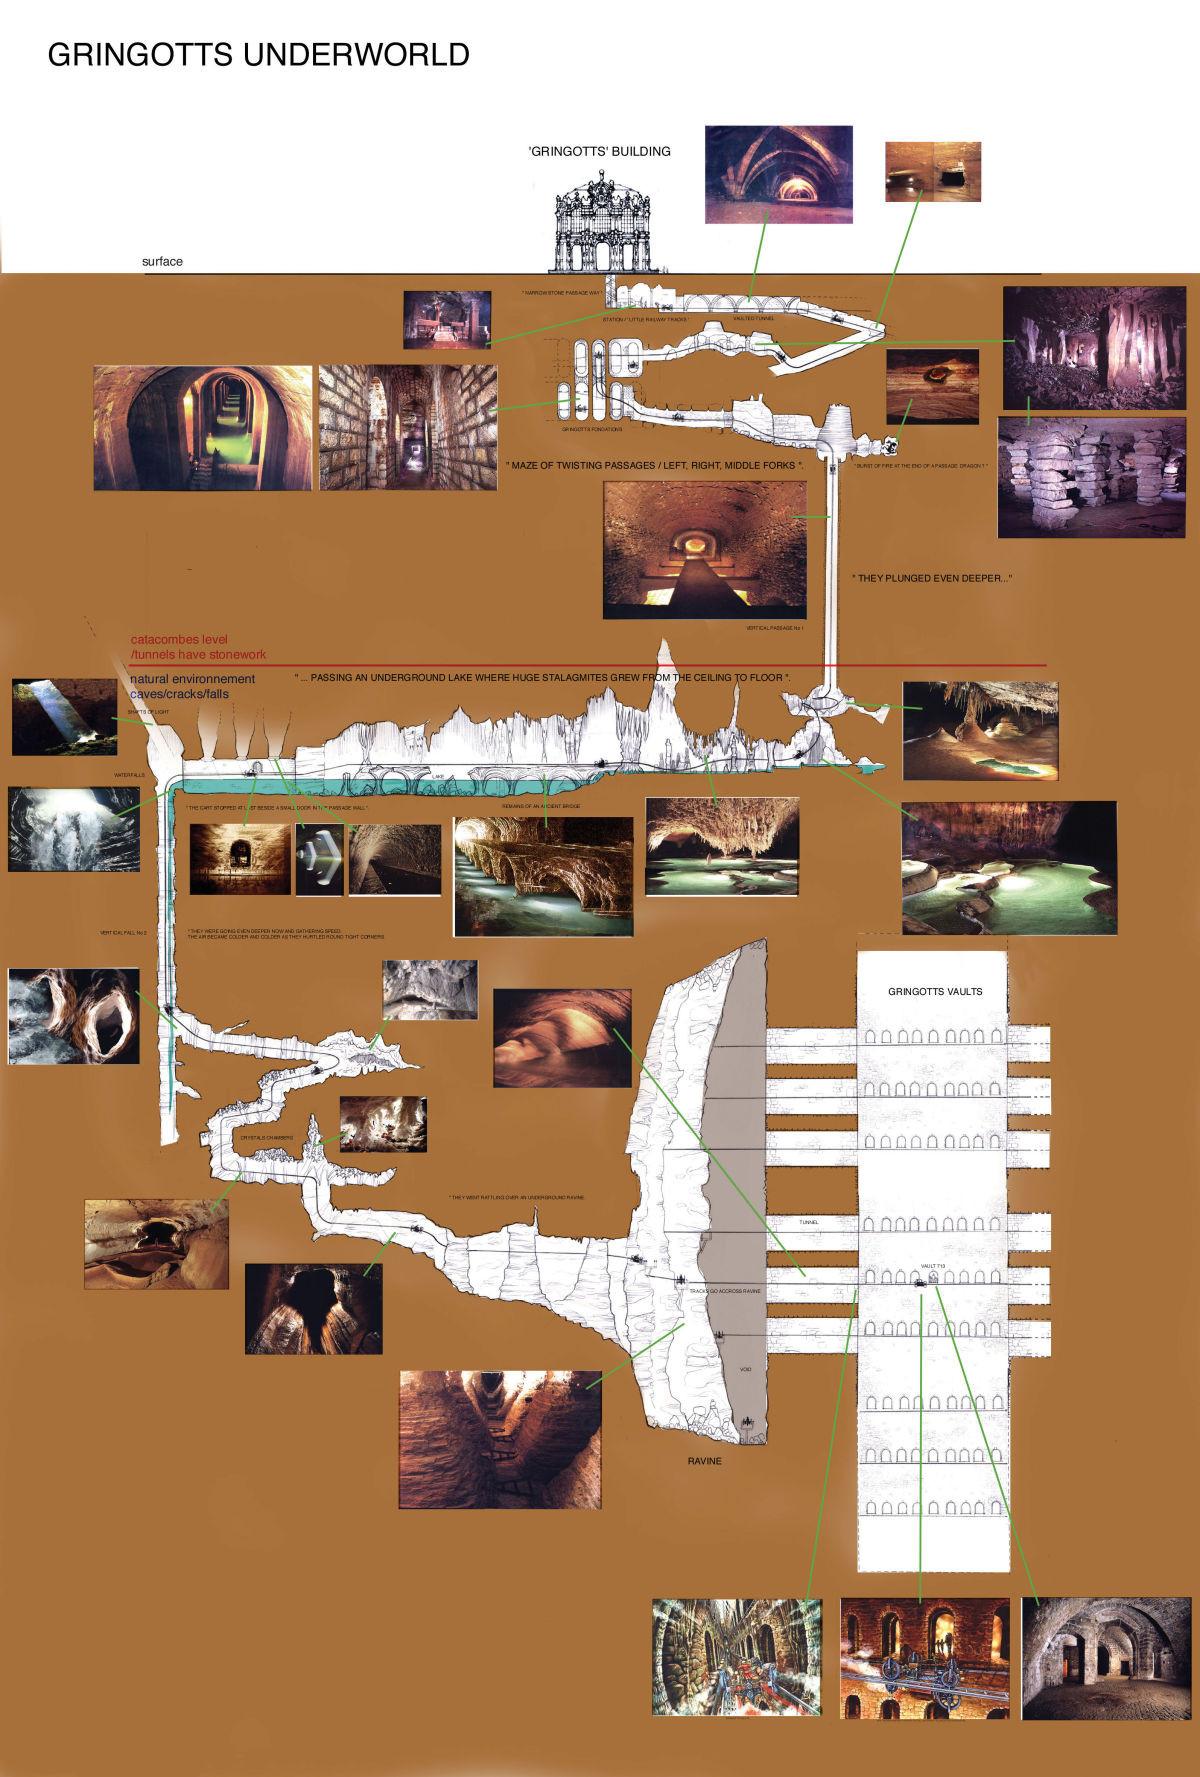 pg.-32-Gringotts-schematic-1431360407